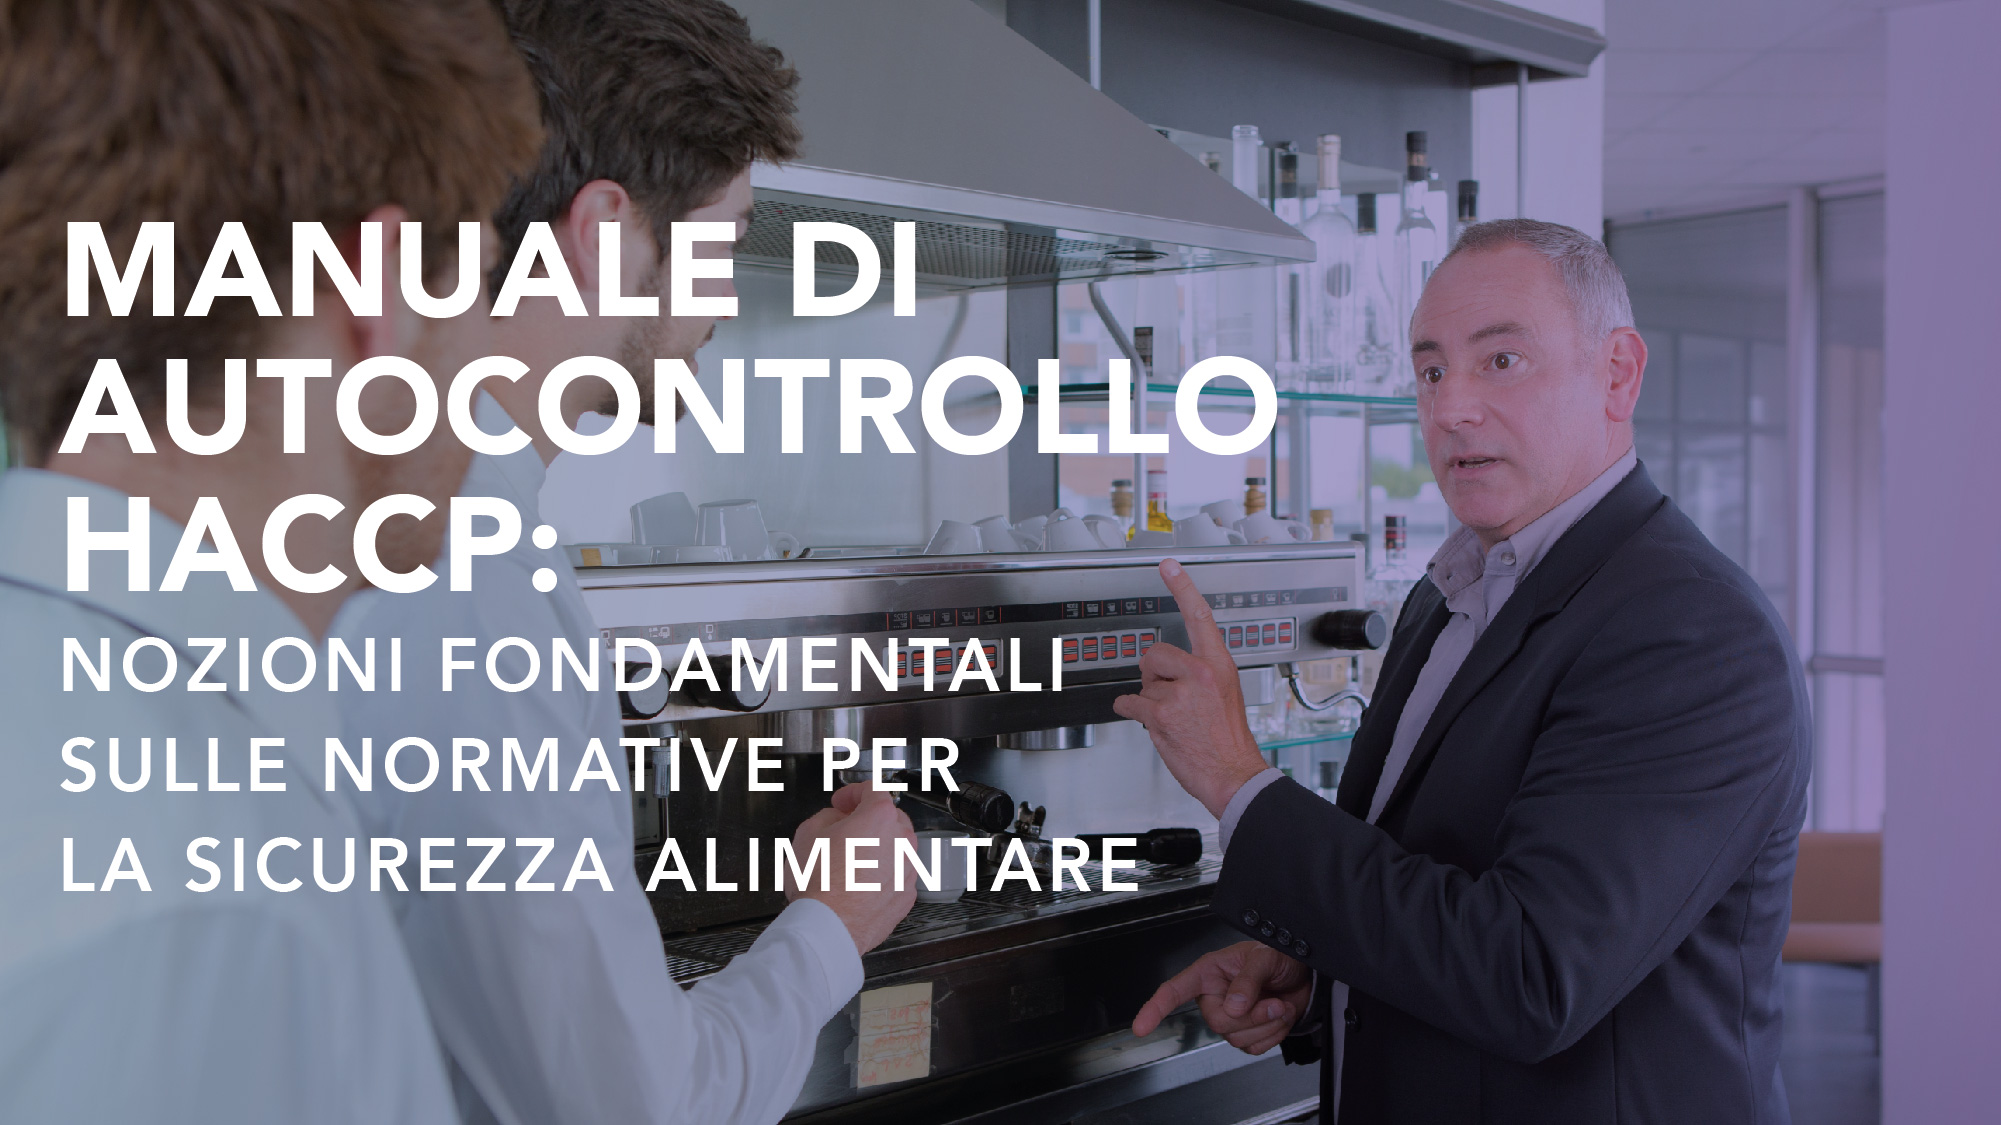 Corso-Online-Manuale-di-Autocontrollo-HACCP-Nozioni-Fondamentali-sulle-Normative-per-la-Sicurezza-Alimentare-Life-Learning